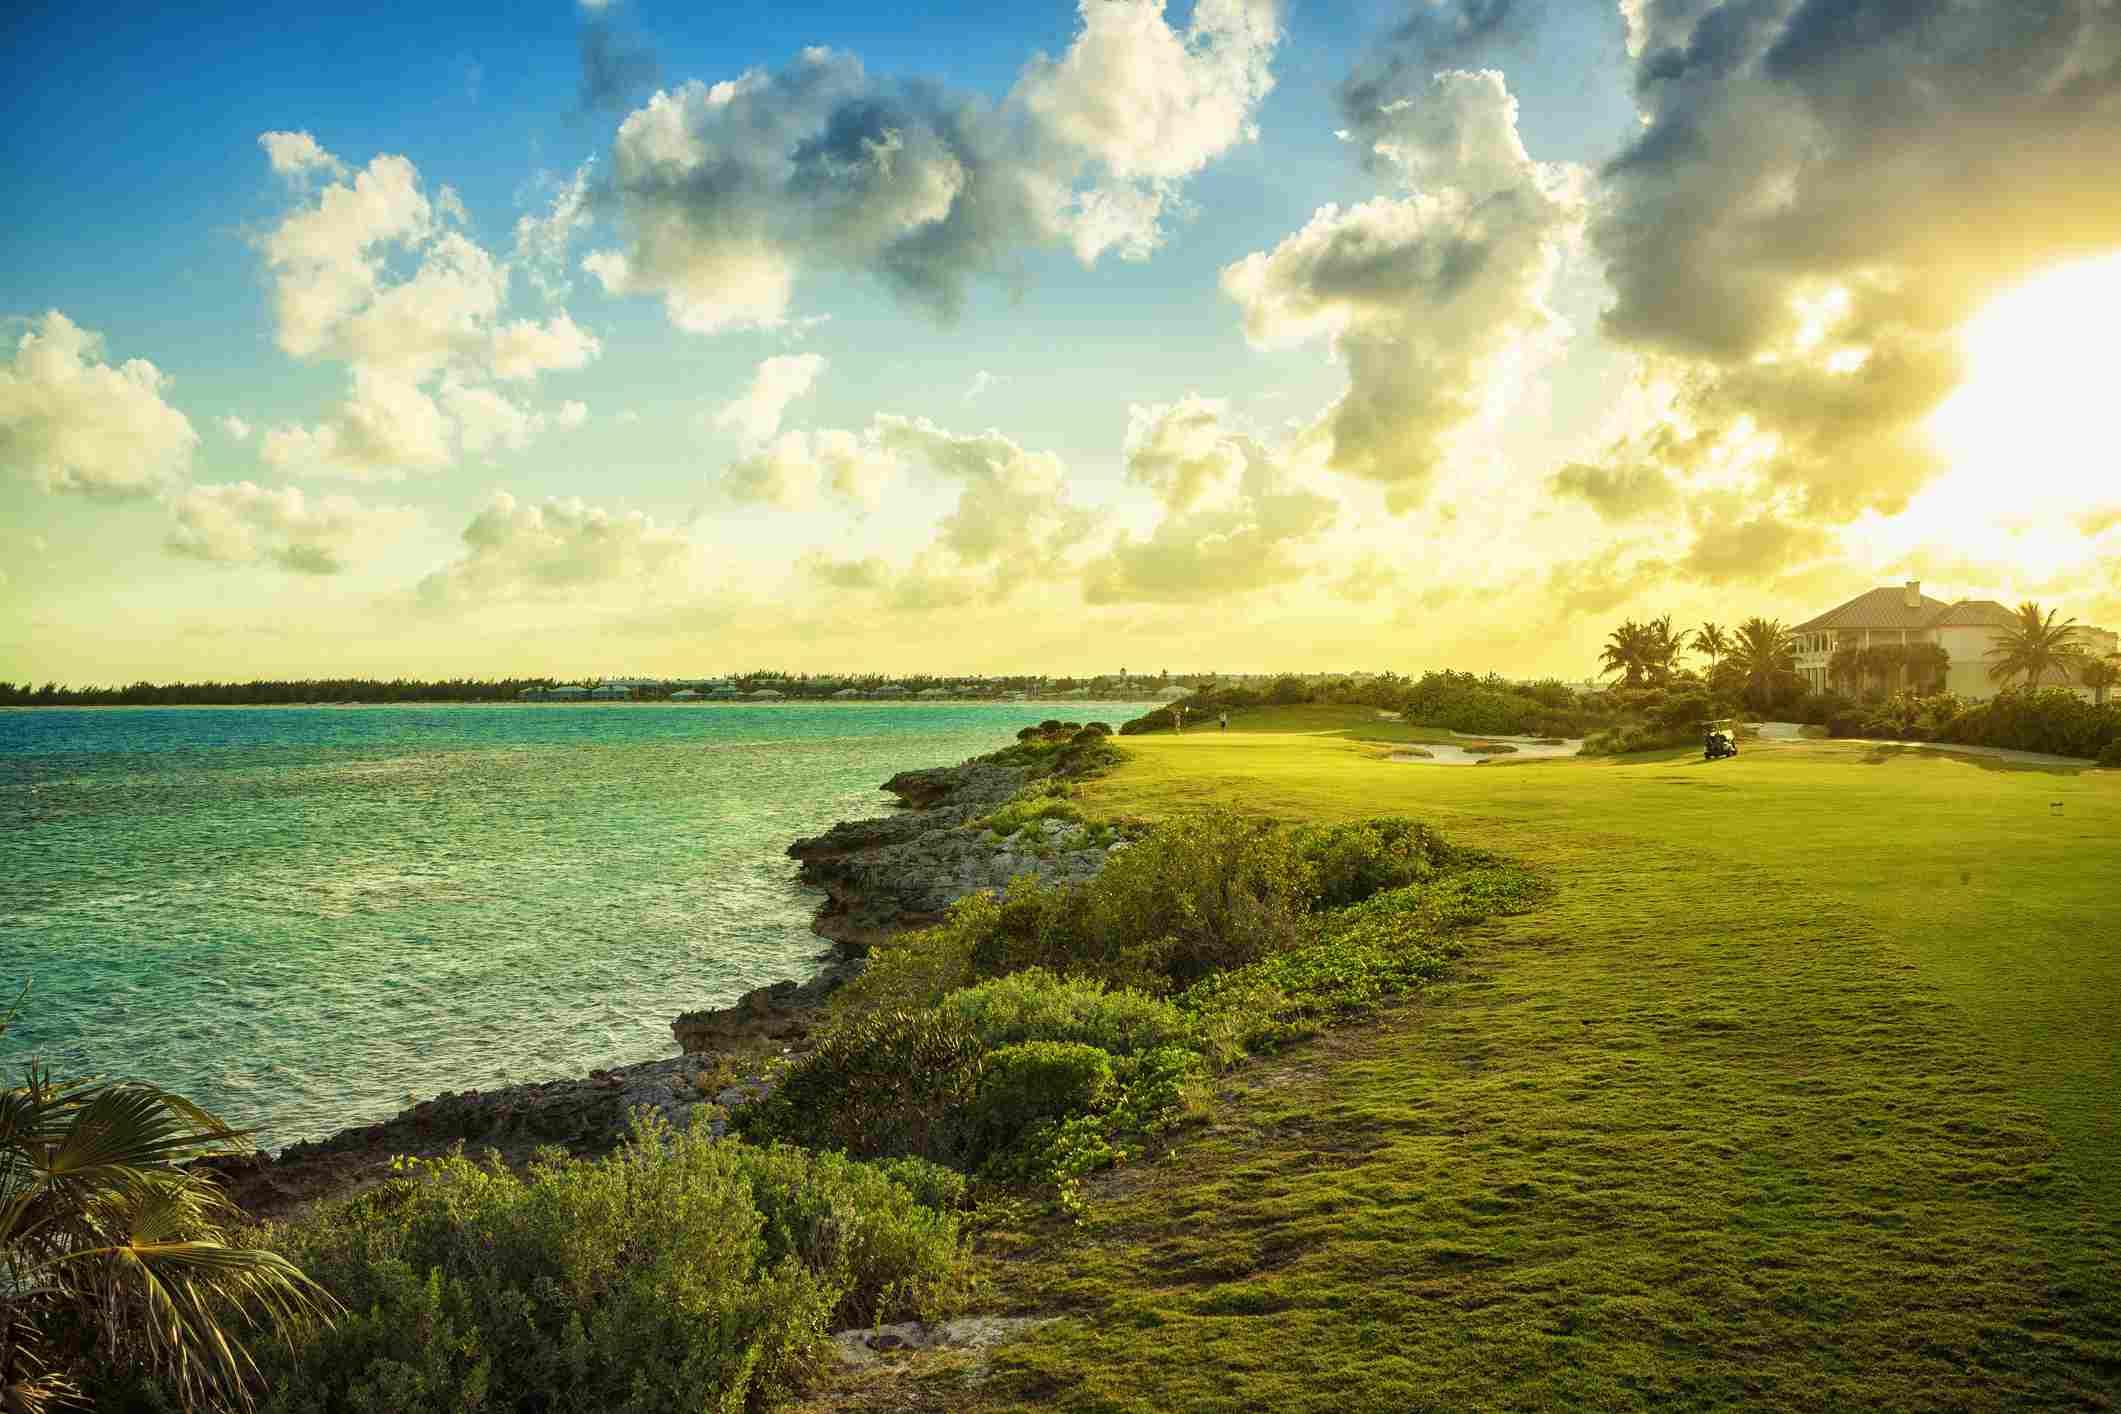 Golf course on Exumas